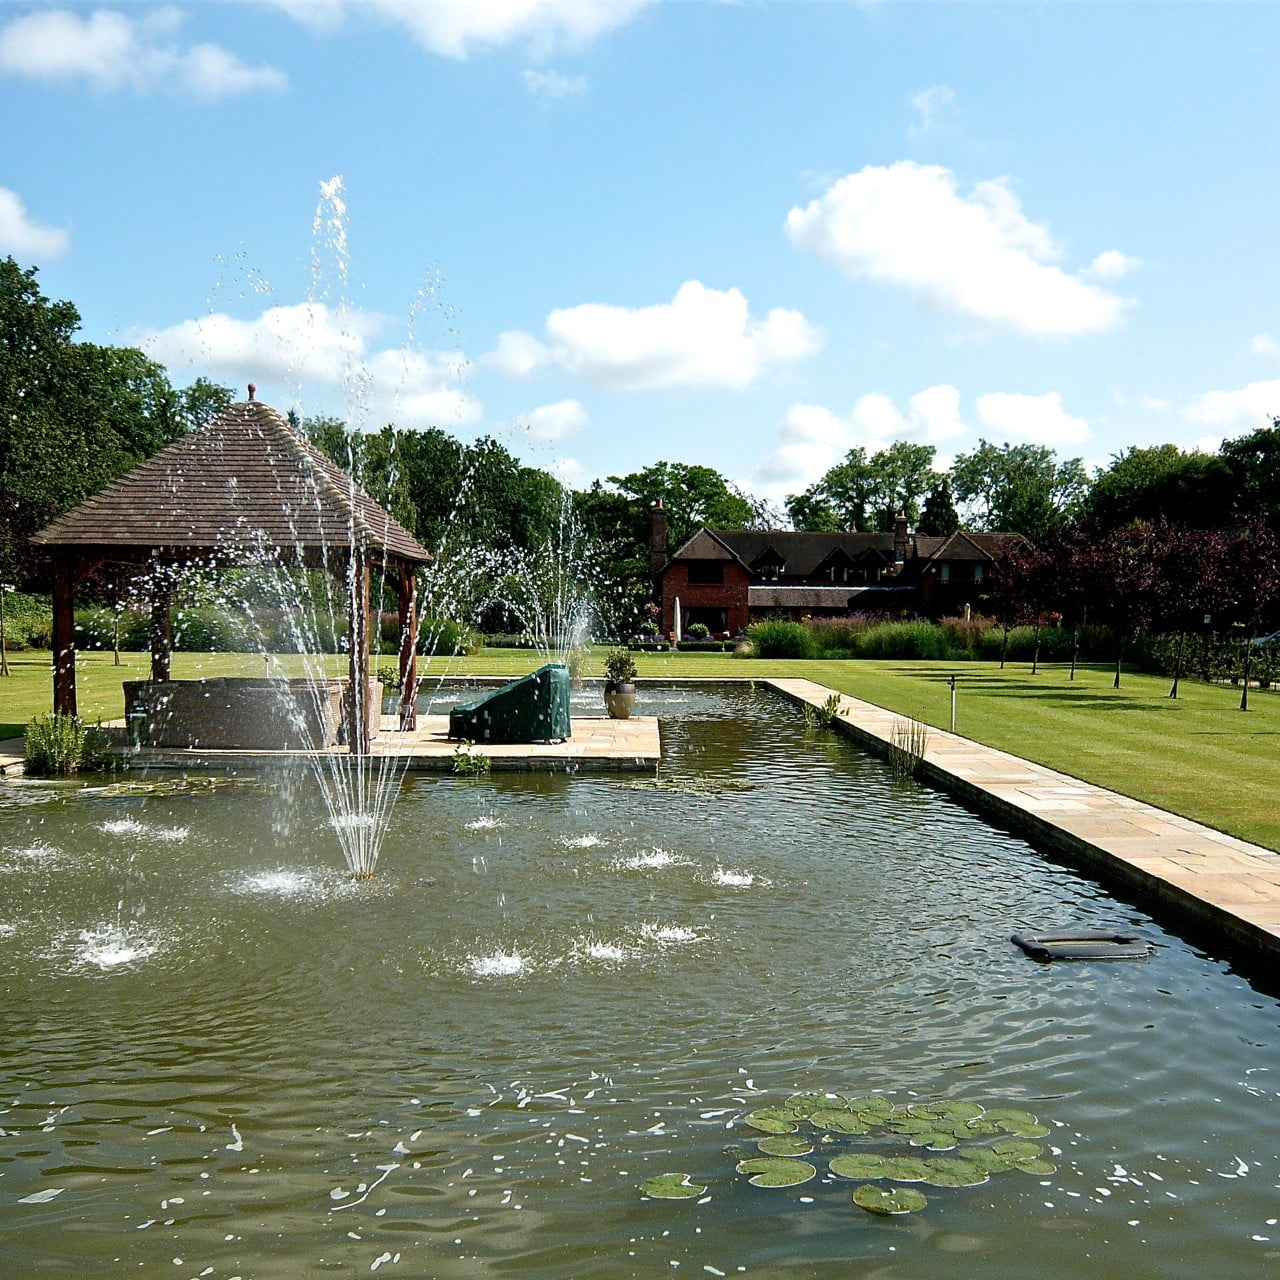 Formal-country-garden-8-www.joannealderson.com_